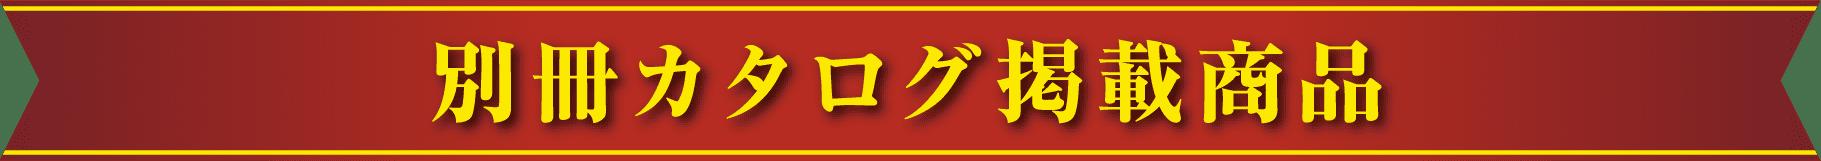 別冊カタログ掲載商品